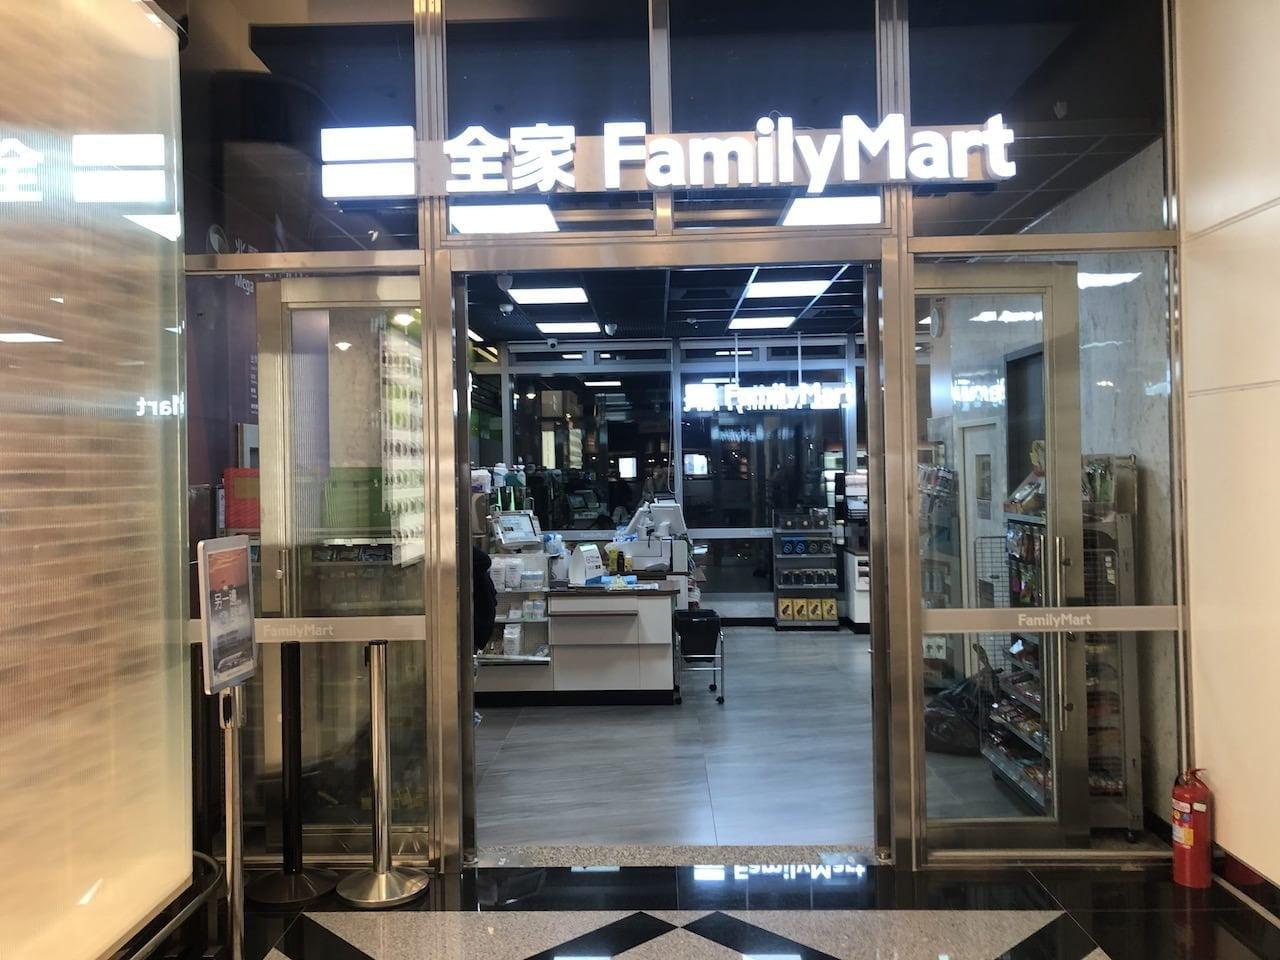 桃園空港第2ターミナル 5階 南側展望デッキのファミリーマート